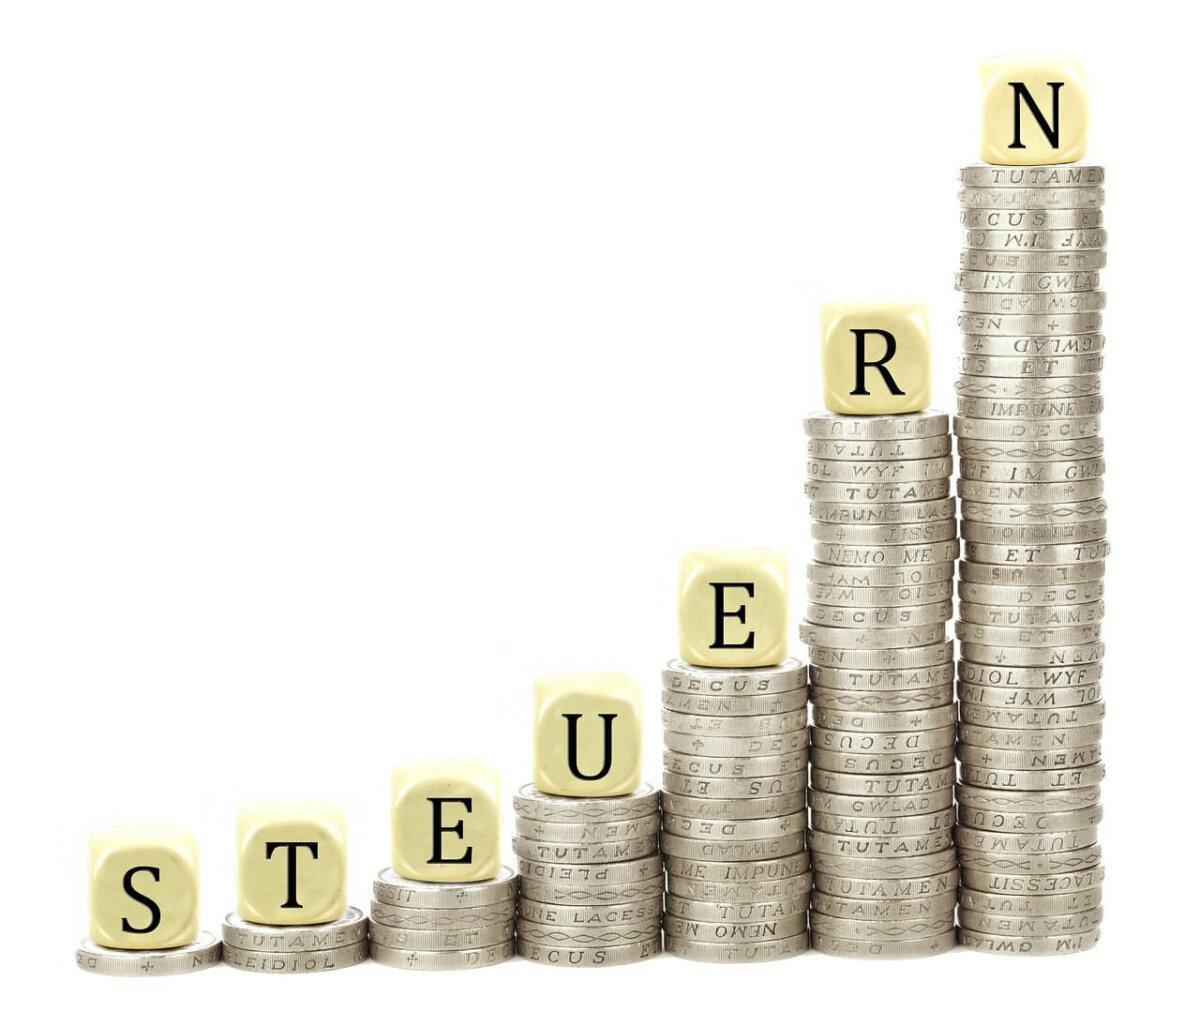 Steuerzinsen: Nachzahlungszinsen im Jahre 2015 verfassungsgemäß?